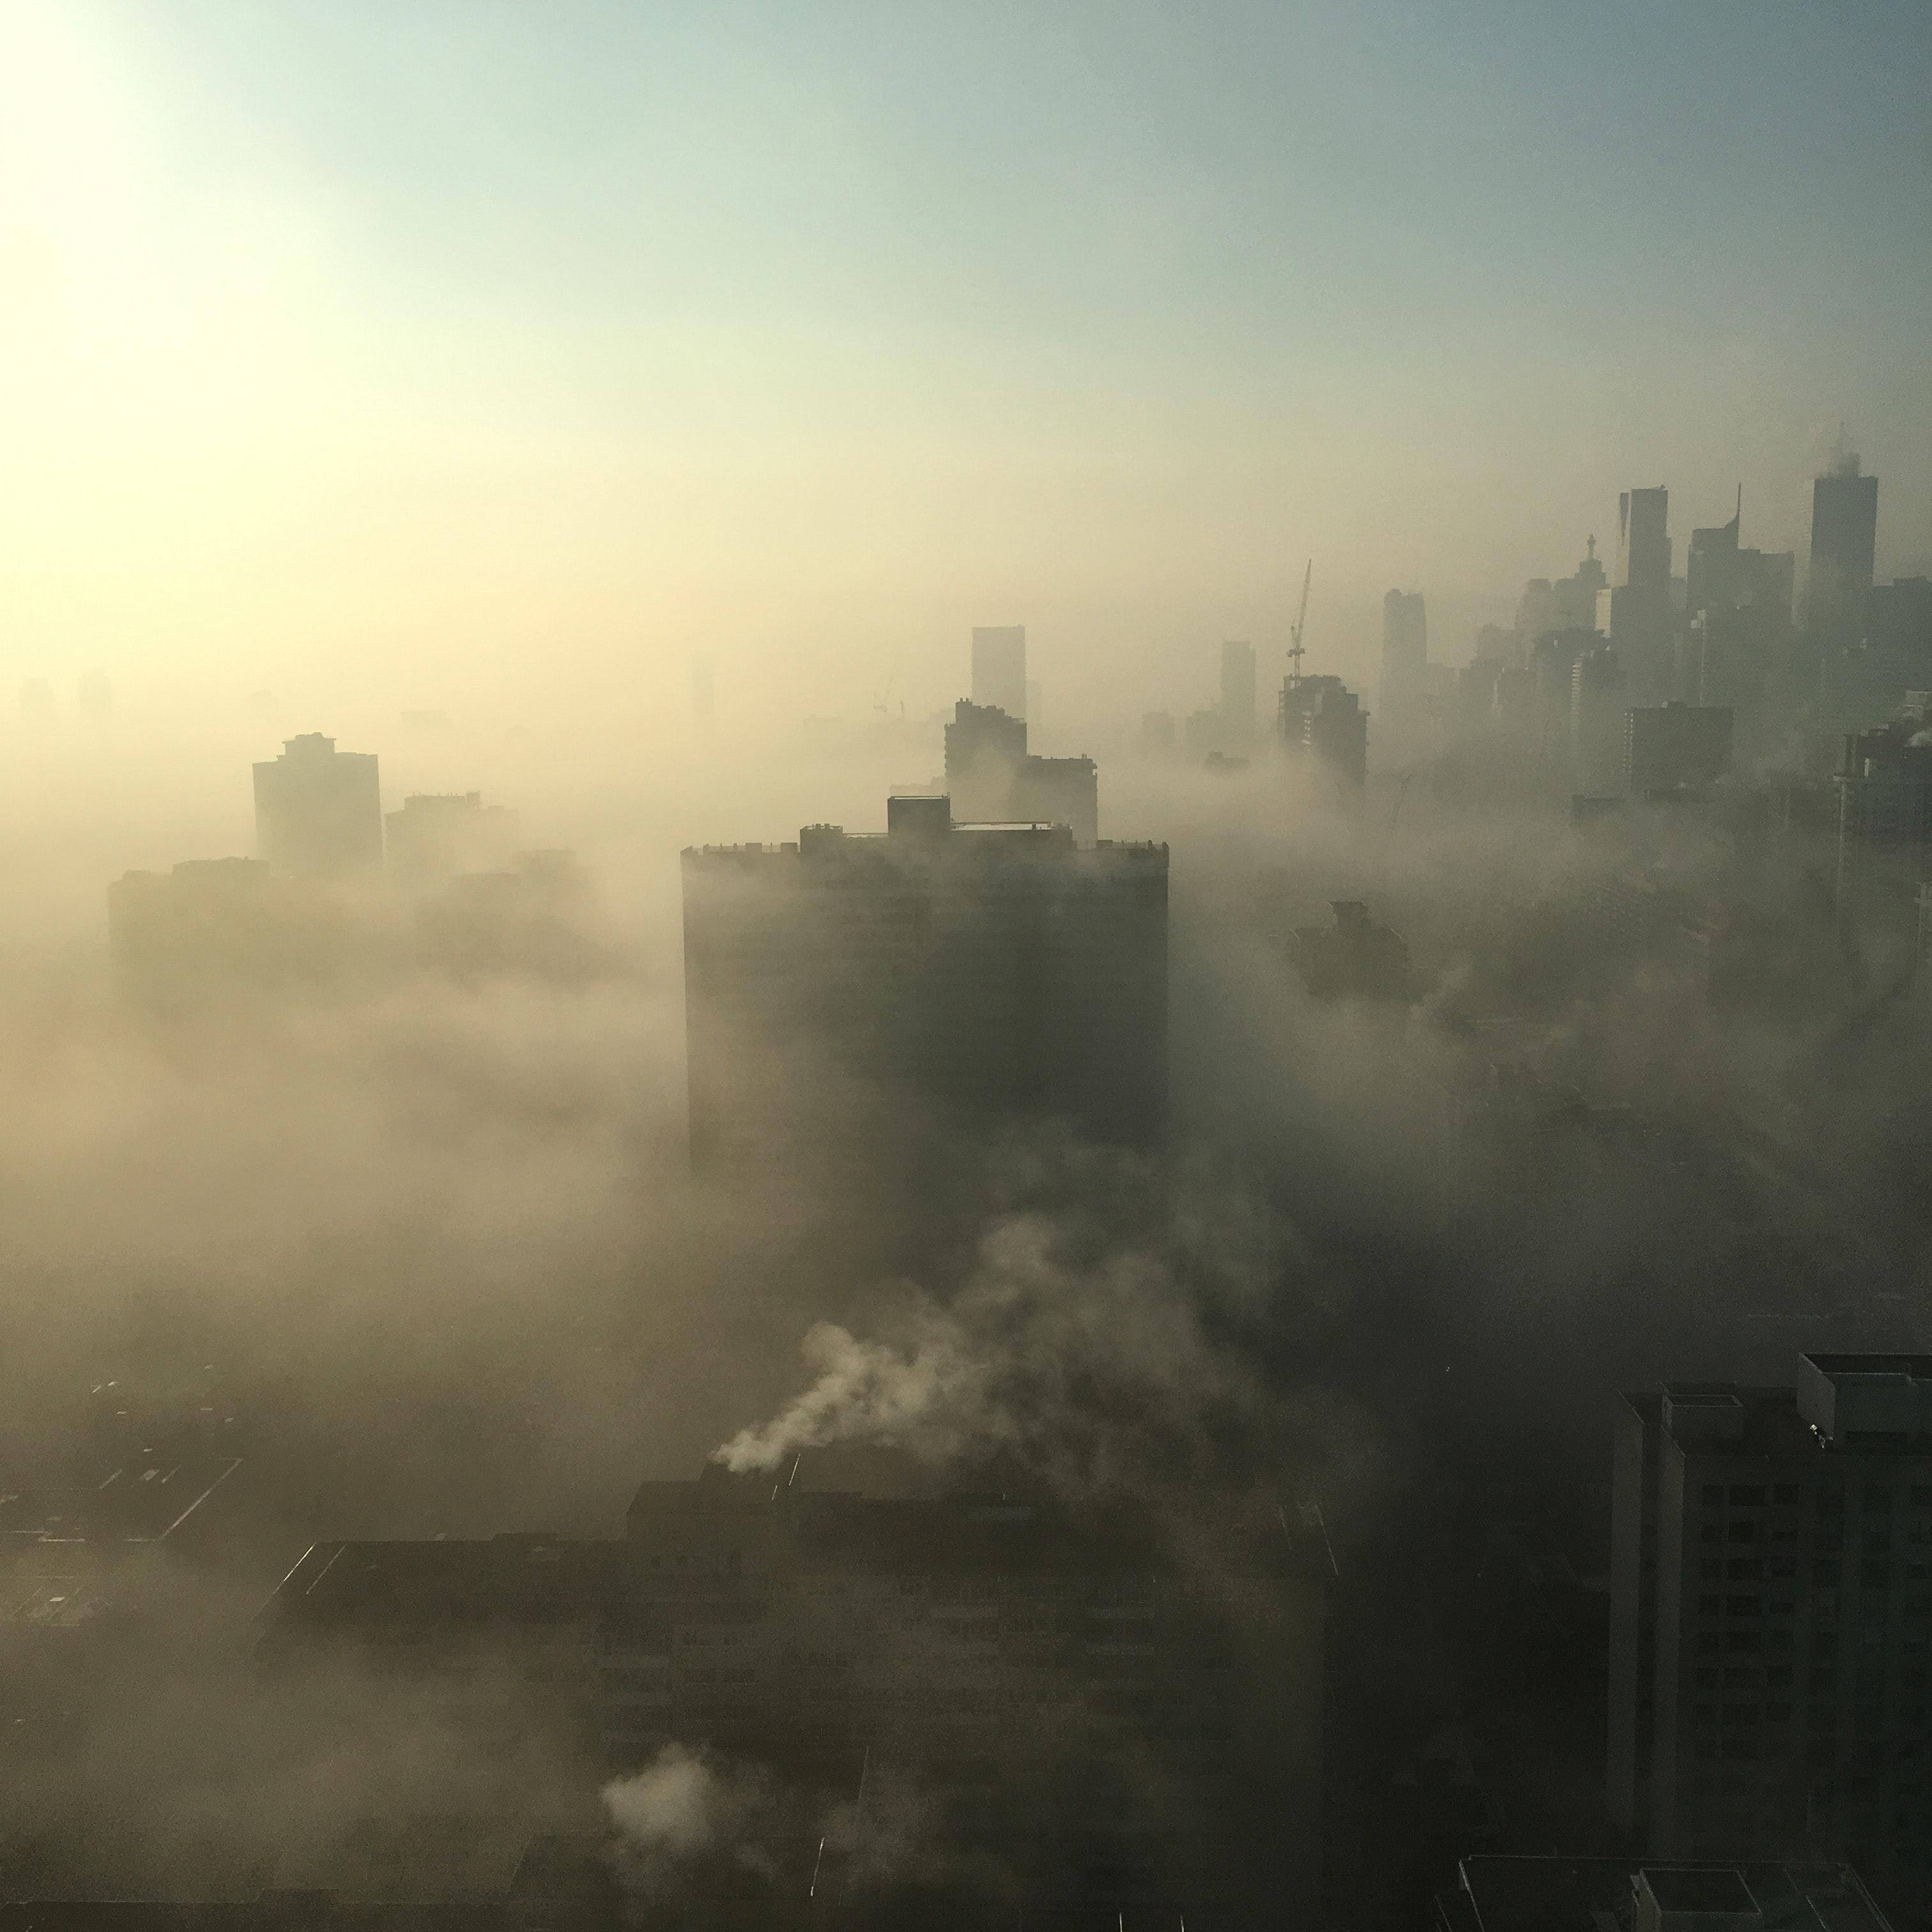 (Français) 6 des 10 villes les plus polluées du monde se trouvent en Inde